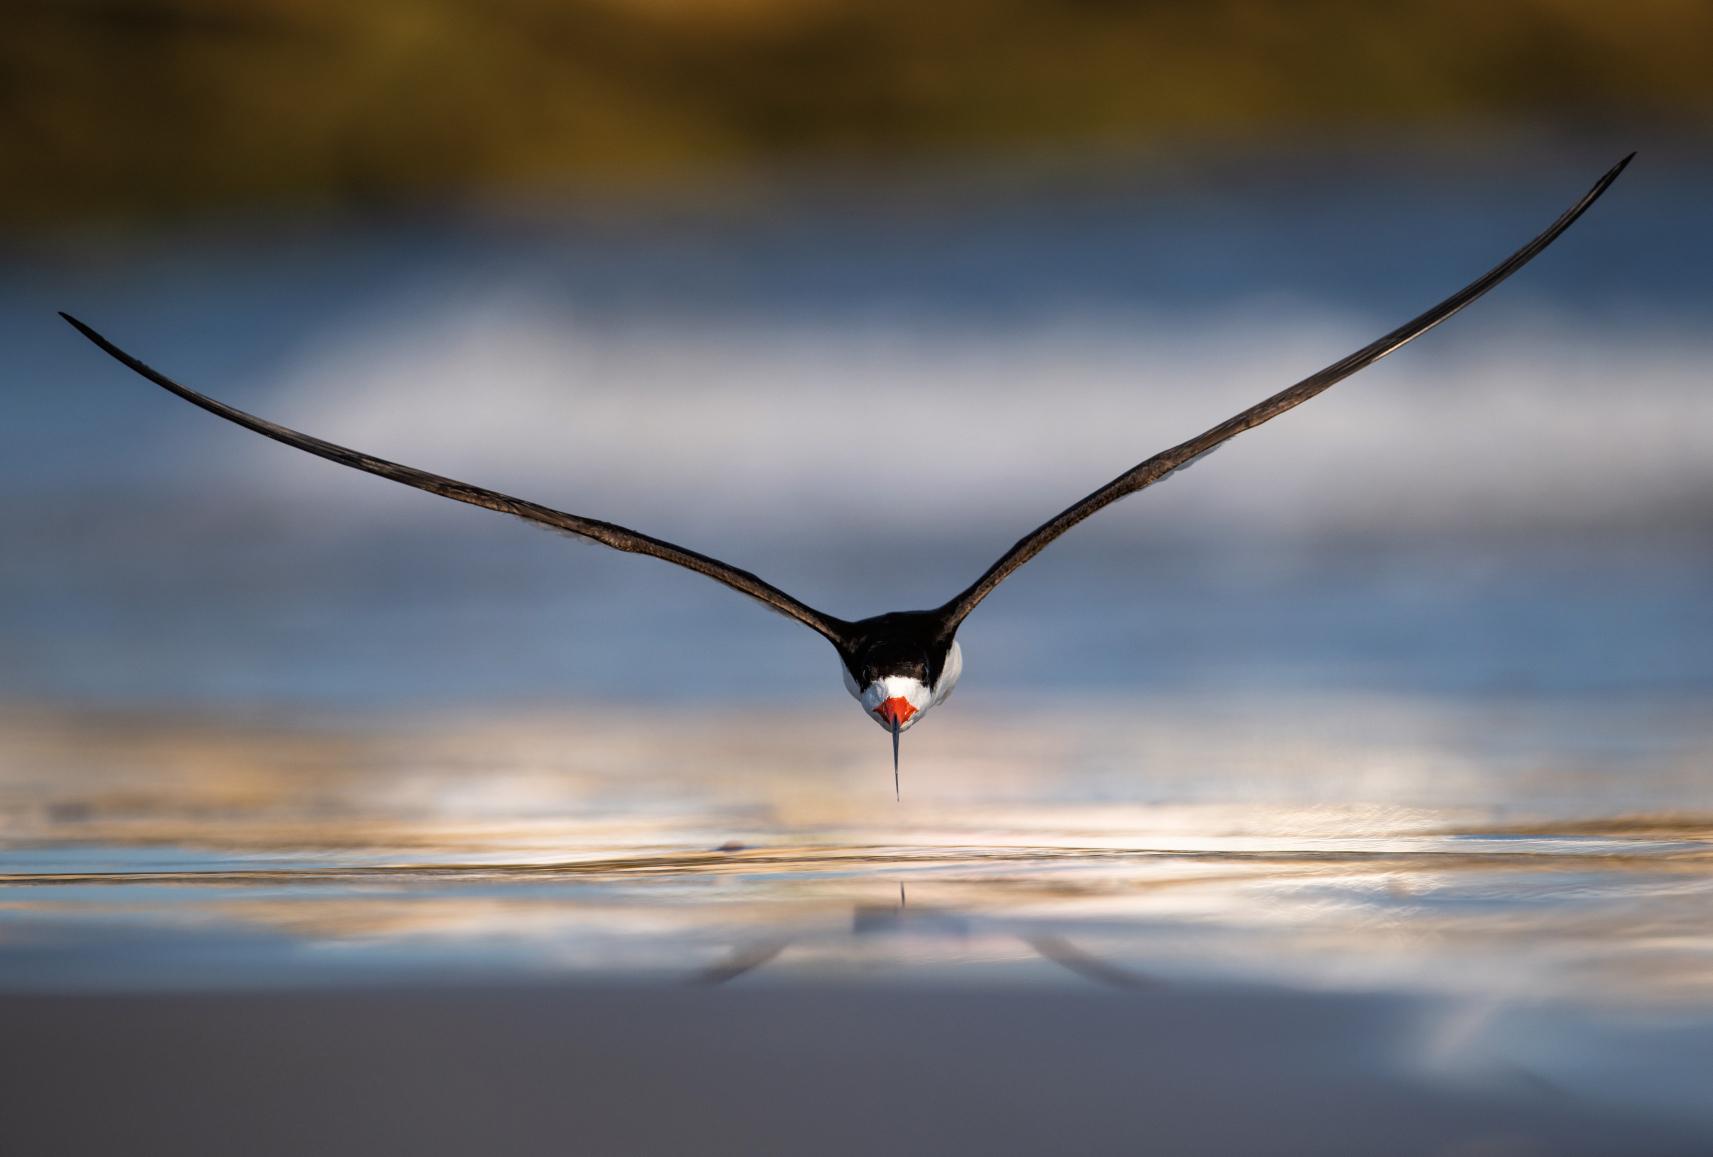 Les Plus Belles Photos D'oiseaux : En Plein Vol | Playbac tout Vol Petit Oiseau